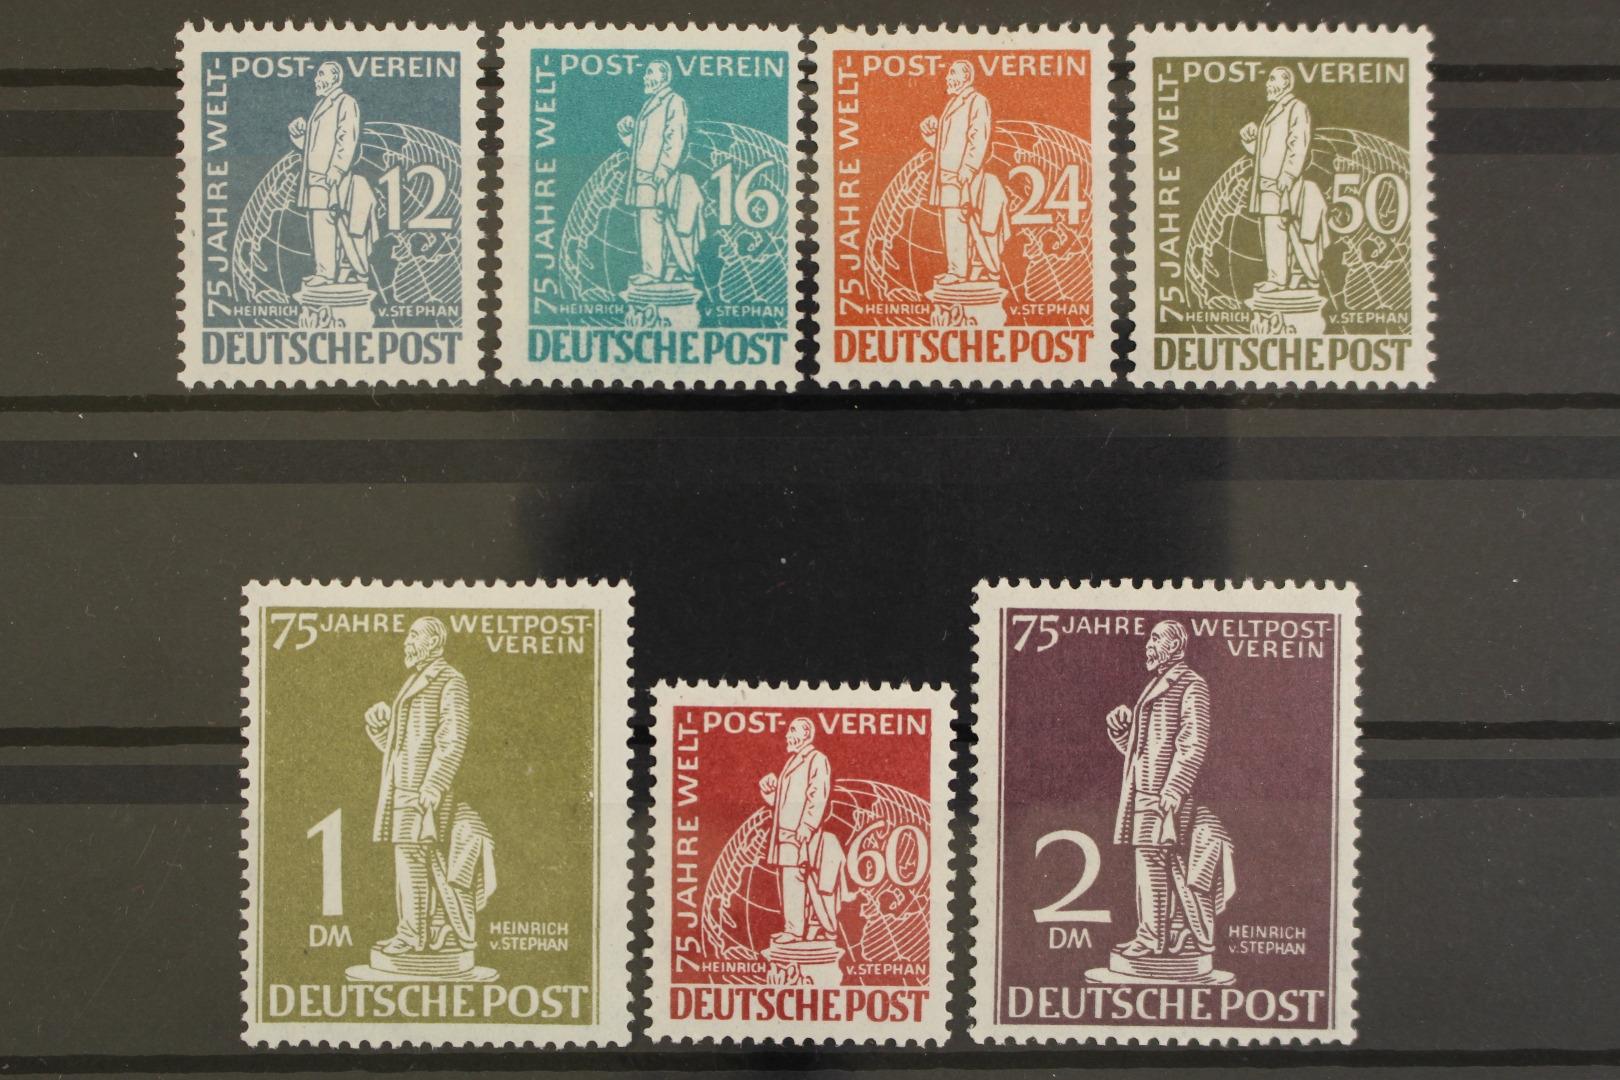 Berlin 1949 Postfrisch Minr Briefmarken 28 Geprüft Schlegel Siehe Bild